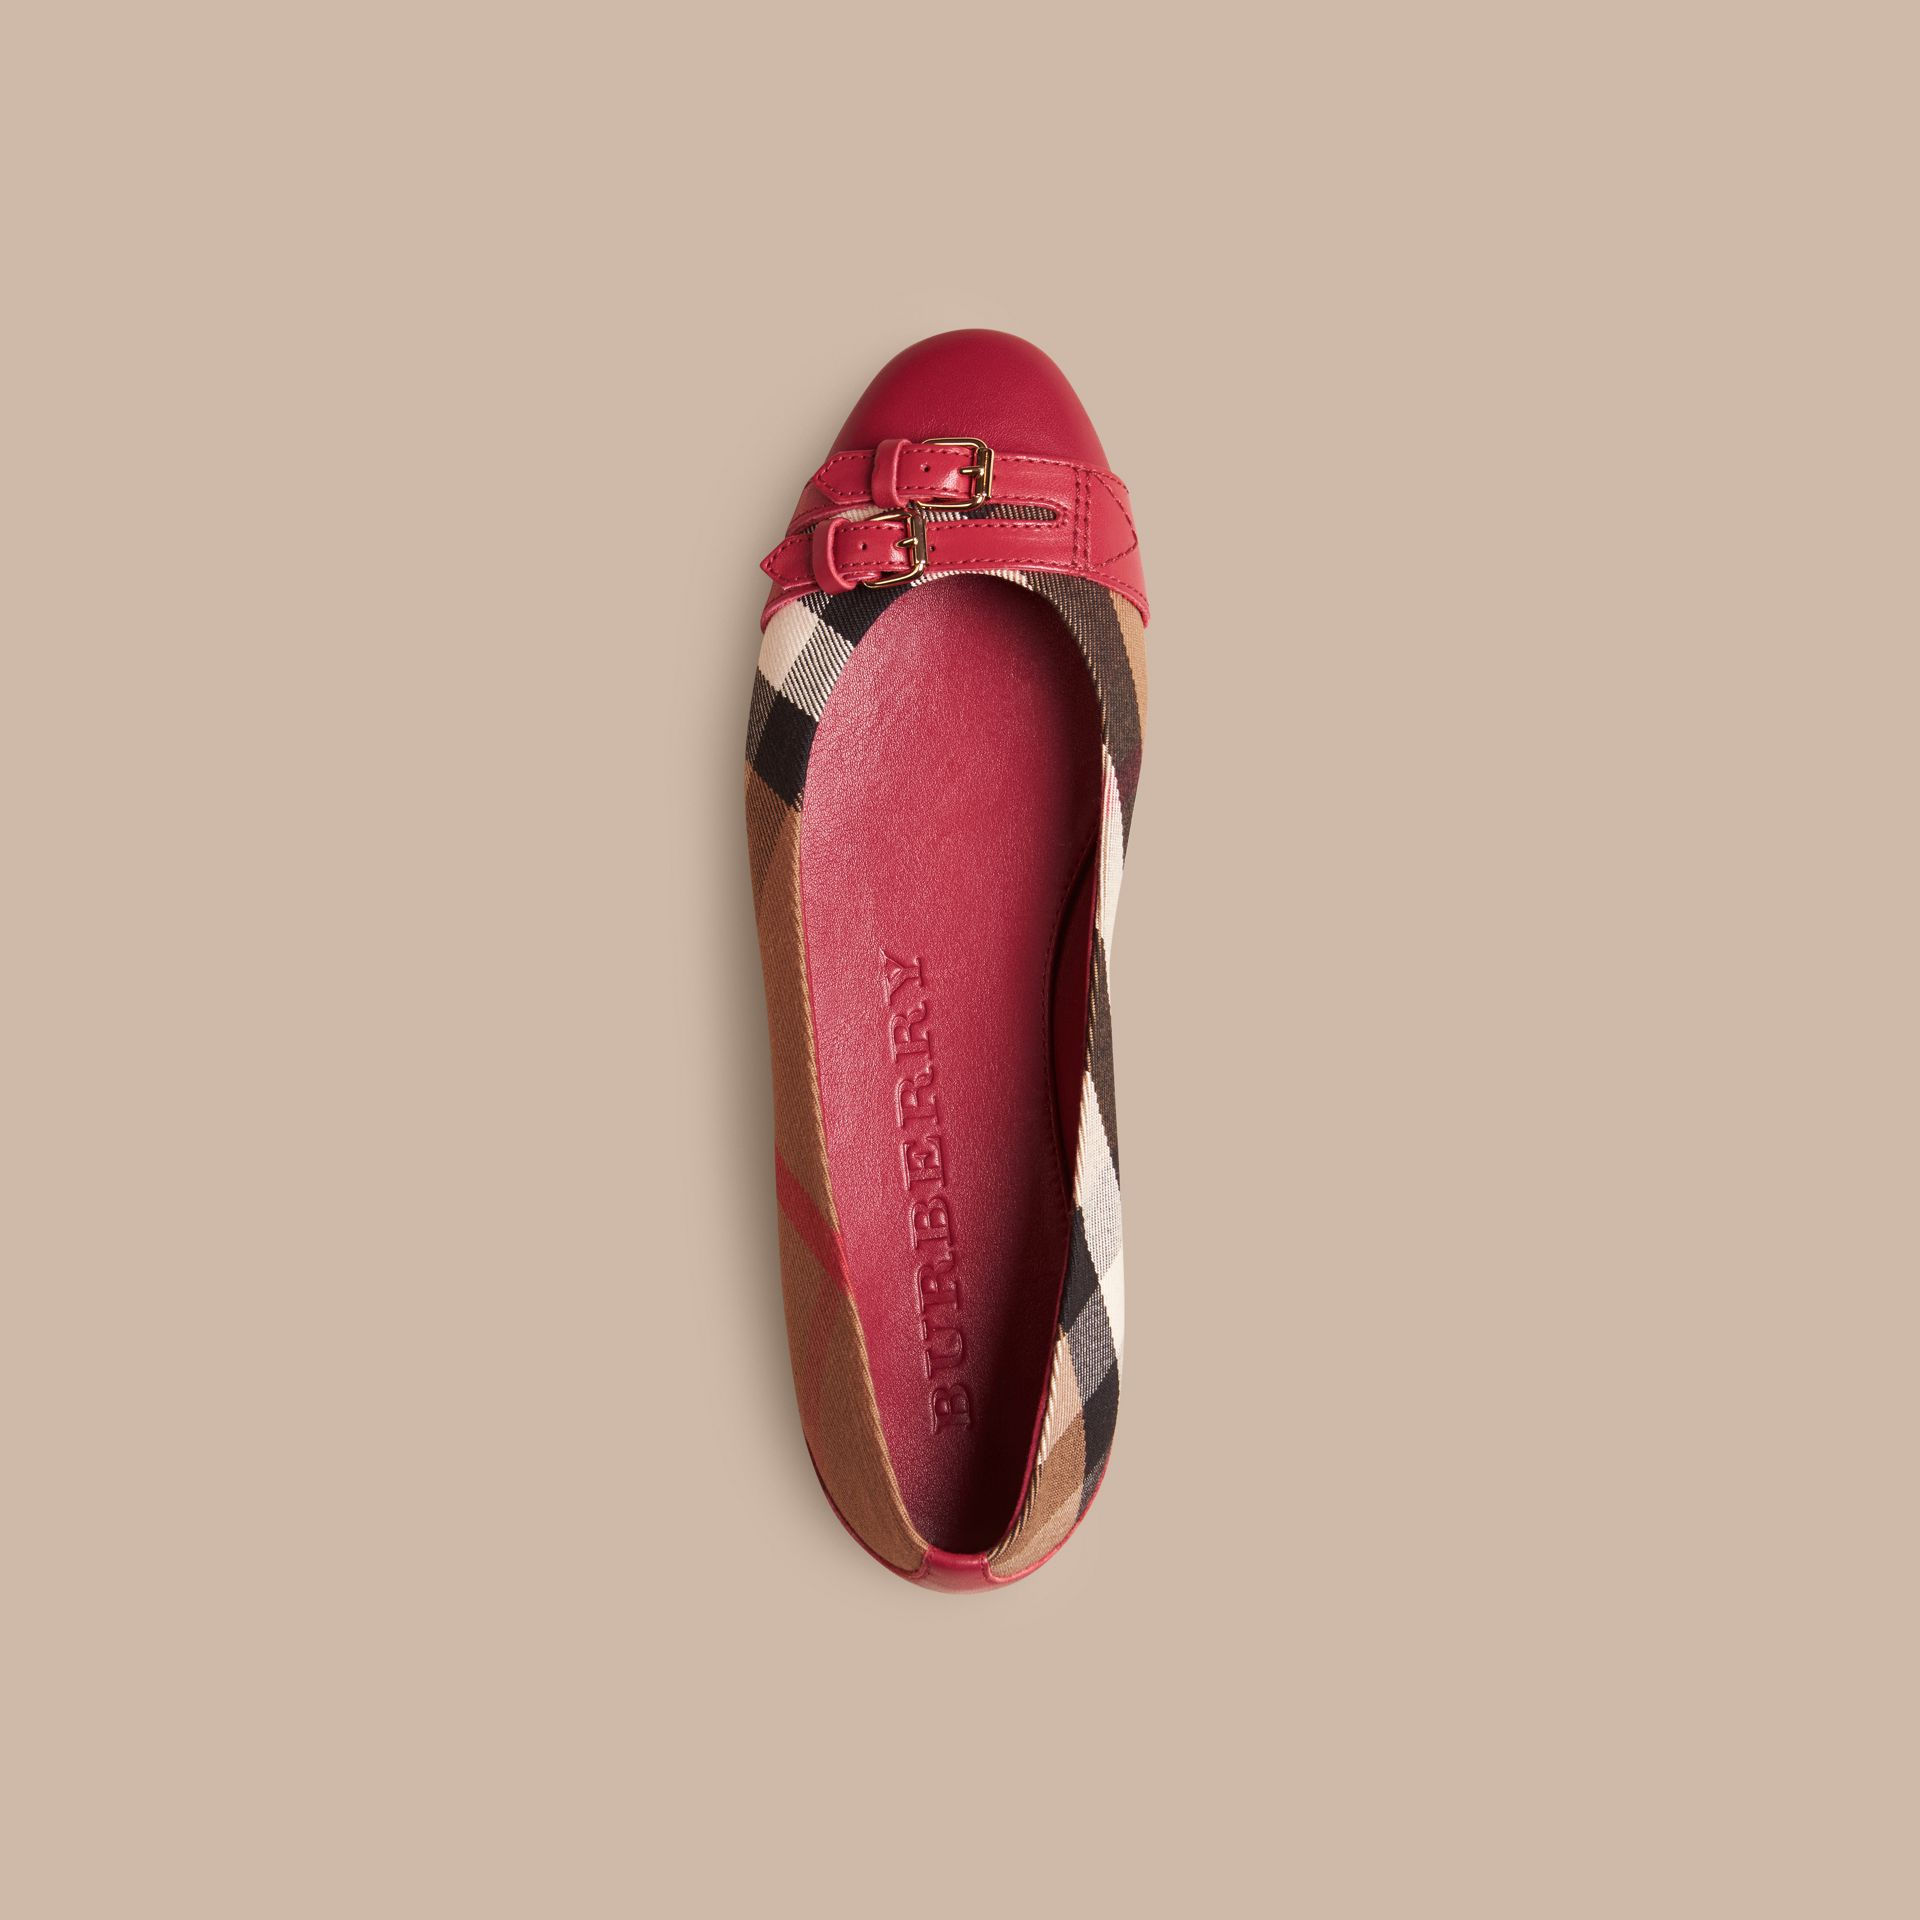 Vermelho russet Ballerinas com fivela estilo equestre e padrão House check - galeria de imagens 3